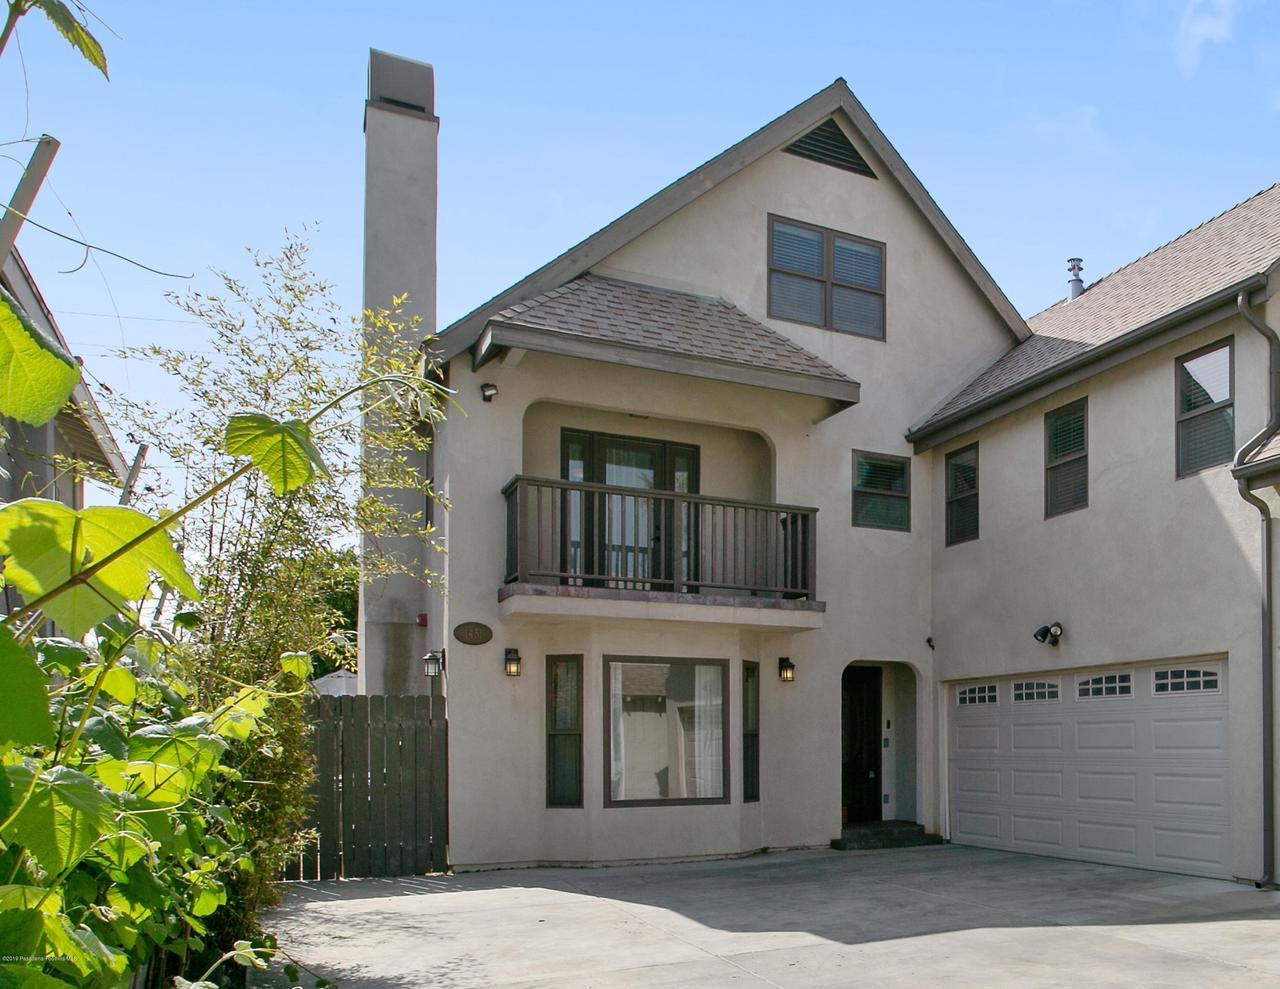 1451 BRESEE, Pasadena, CA 91104 - Crop_Alta_0